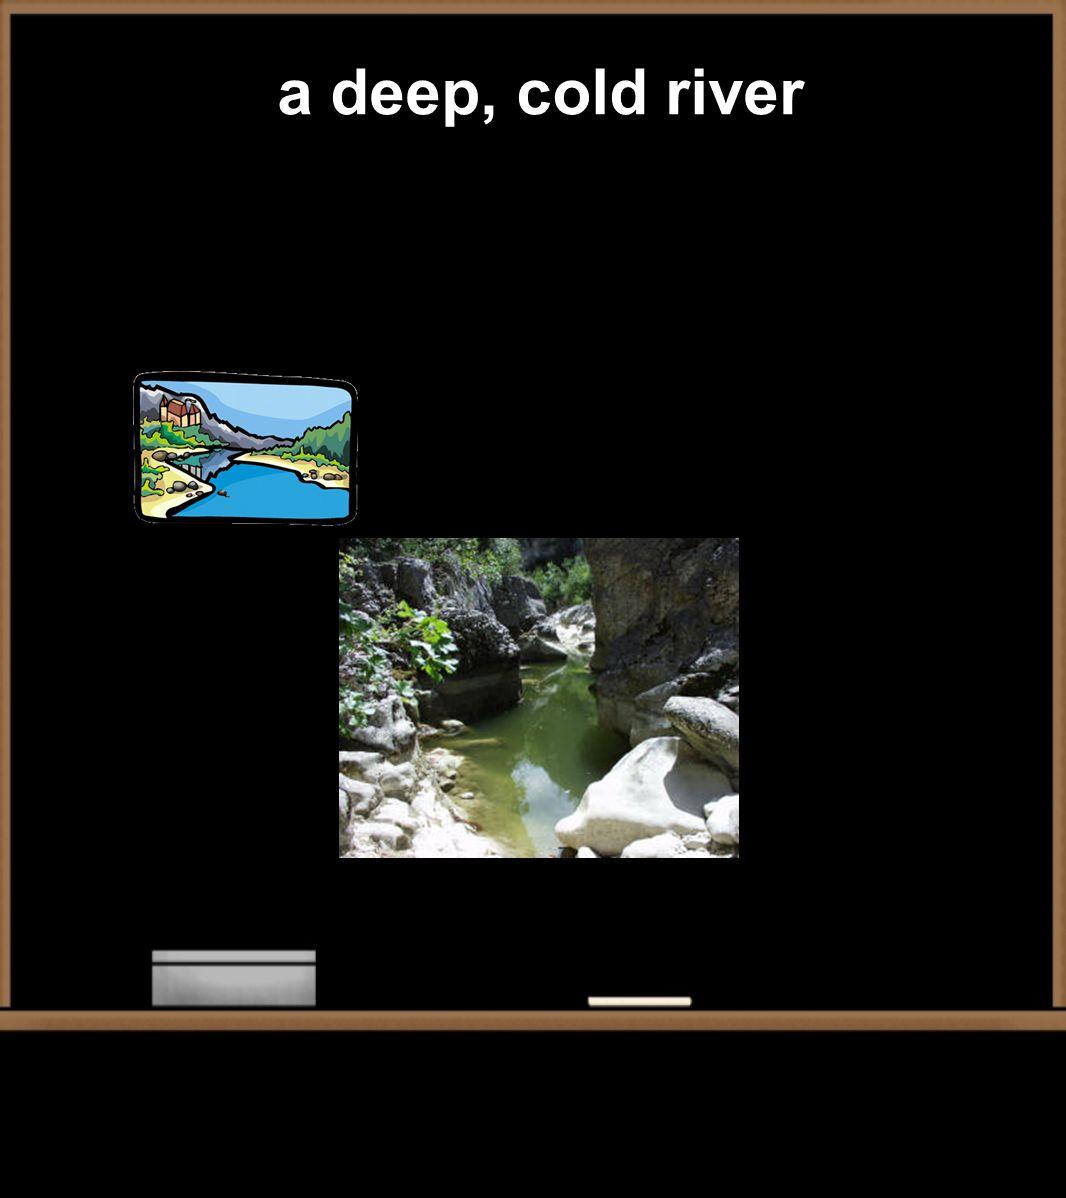 a deep, cold river